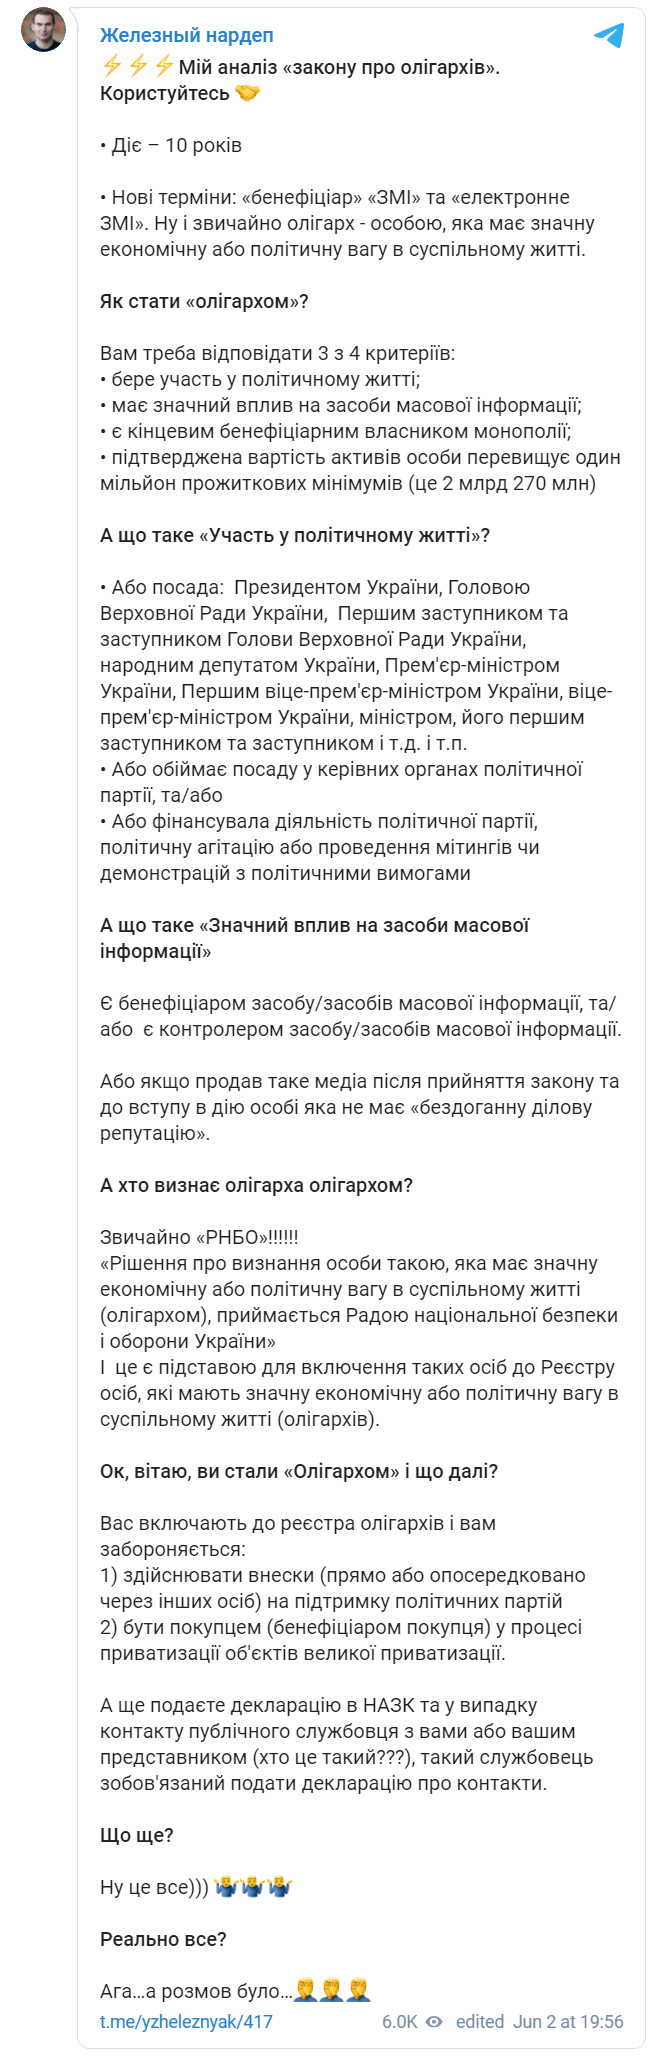 Скриншот сообщения народного депутата Ярослава Железняка в Telegram